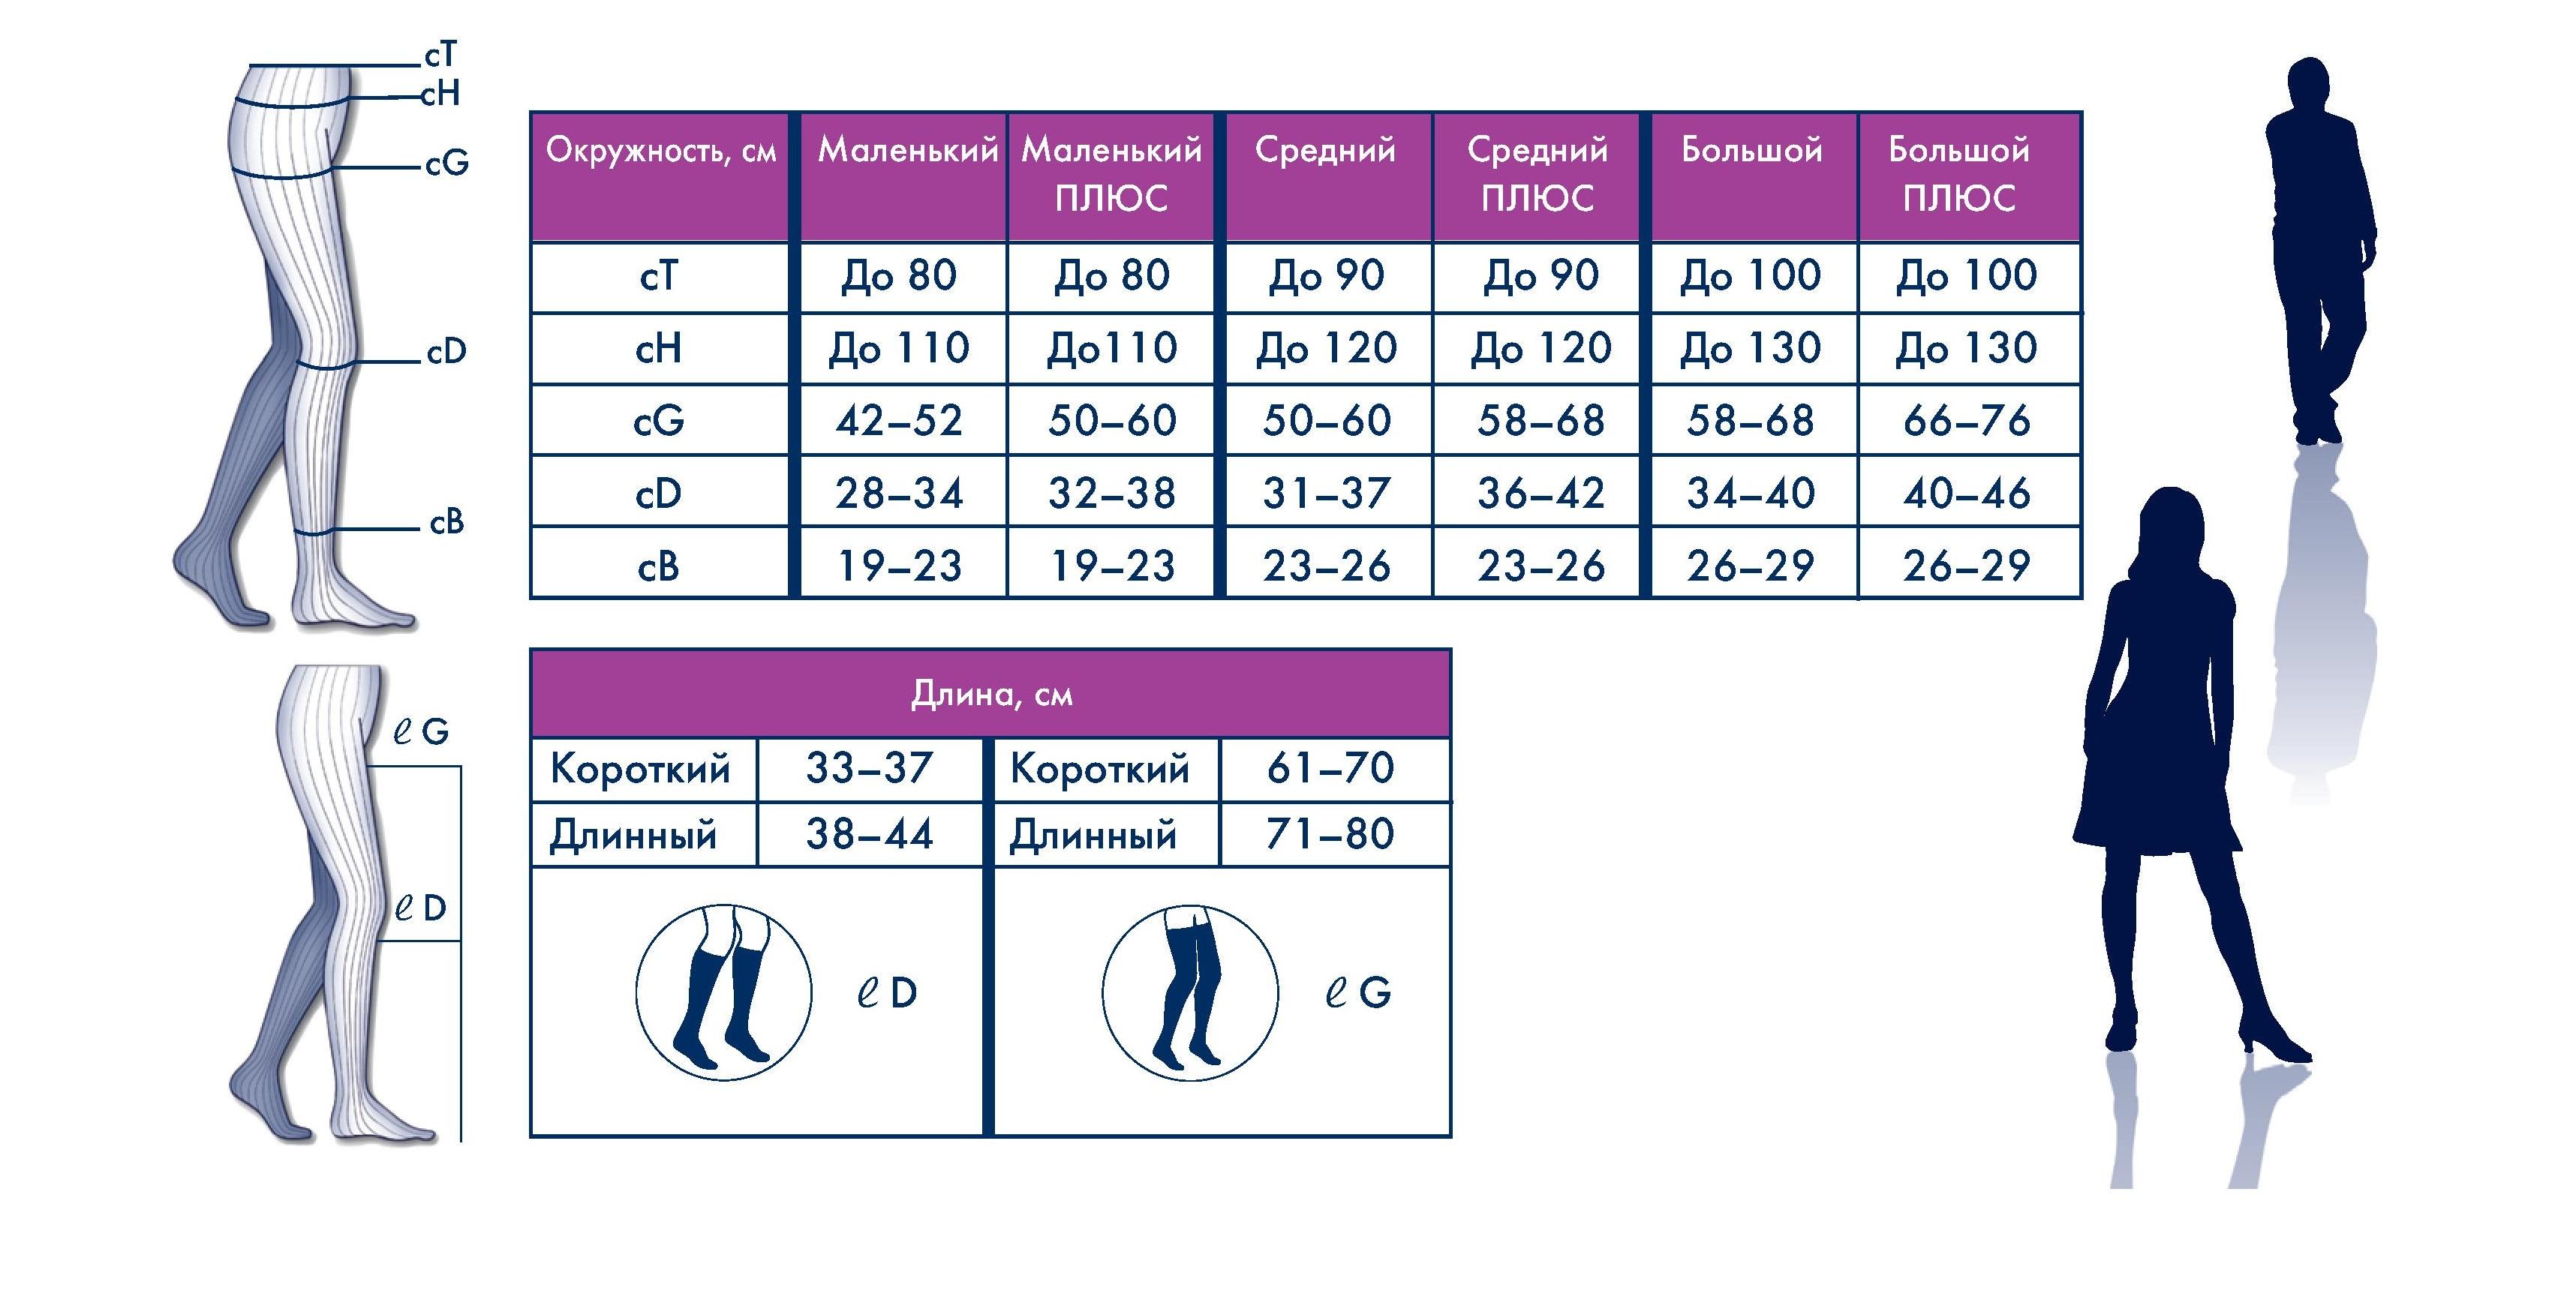 Схема определения размера изделий серии Top Fine Select